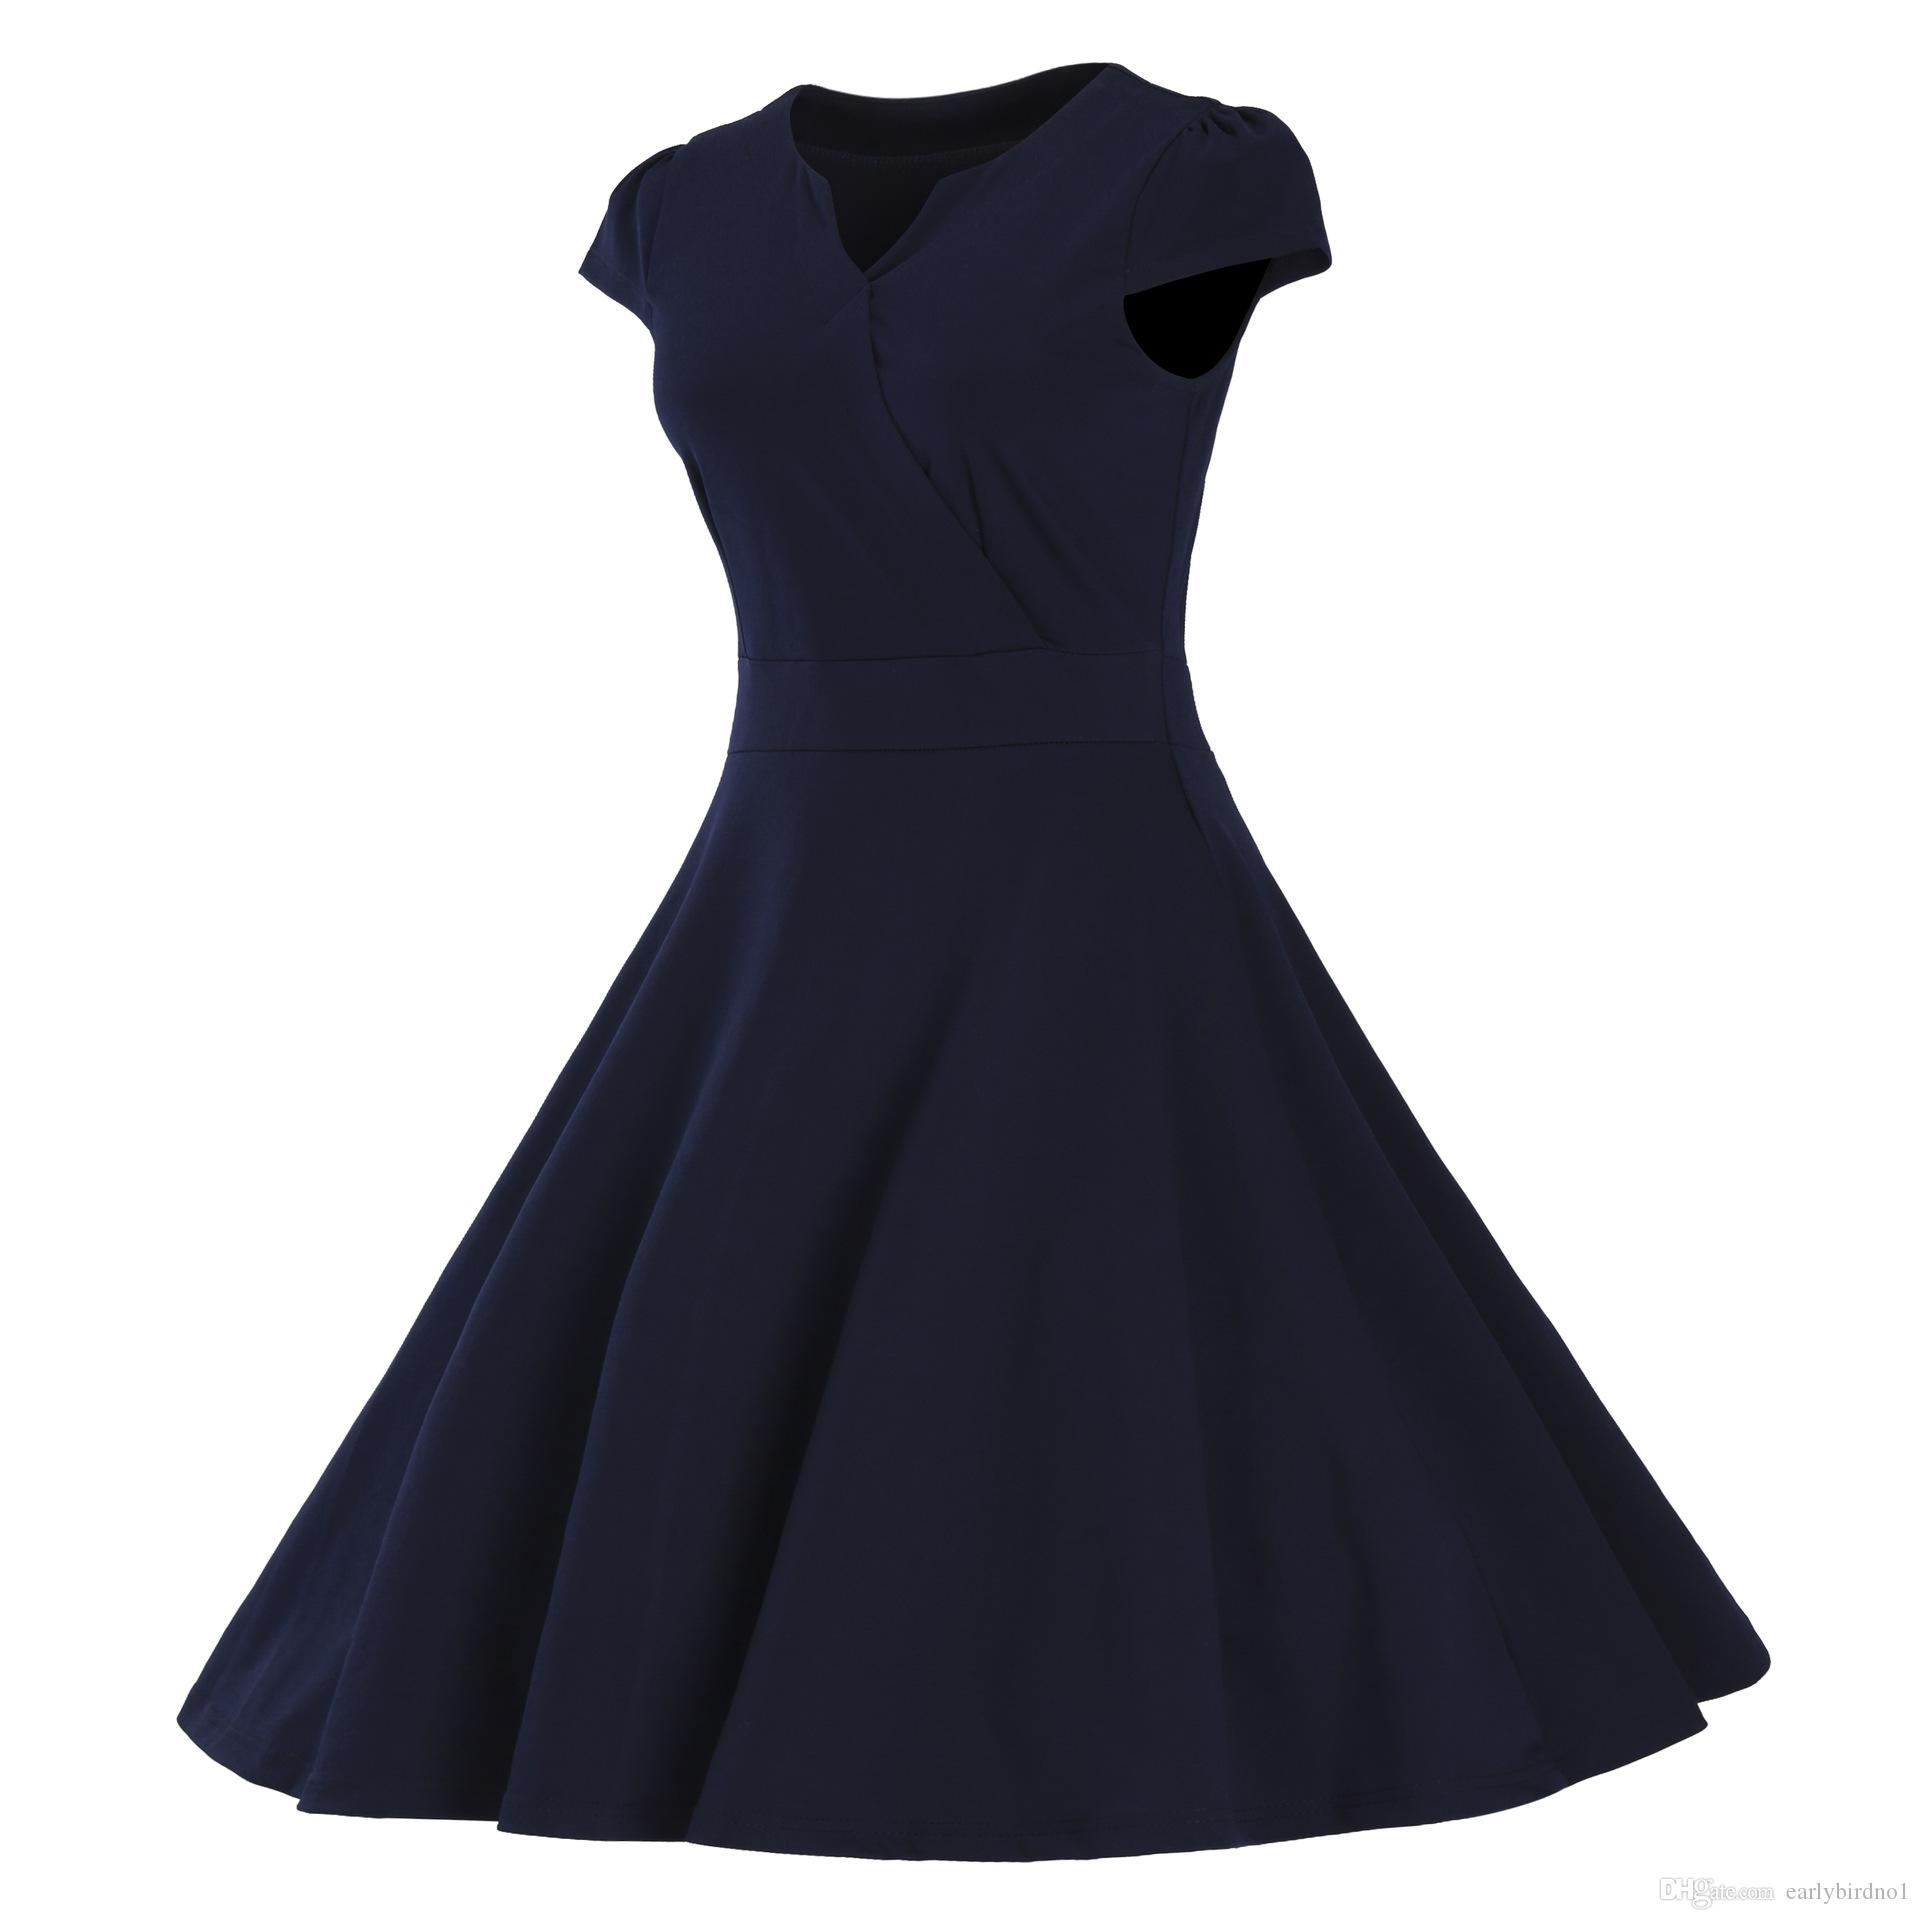 2017 Nouvelle Arrivée Bordeaux Marine Bleu Cap Manches Robes Décontractées Plus la taille S-3XL Pas Cher Mode Une Ligne Femmes Vêtements MC0900